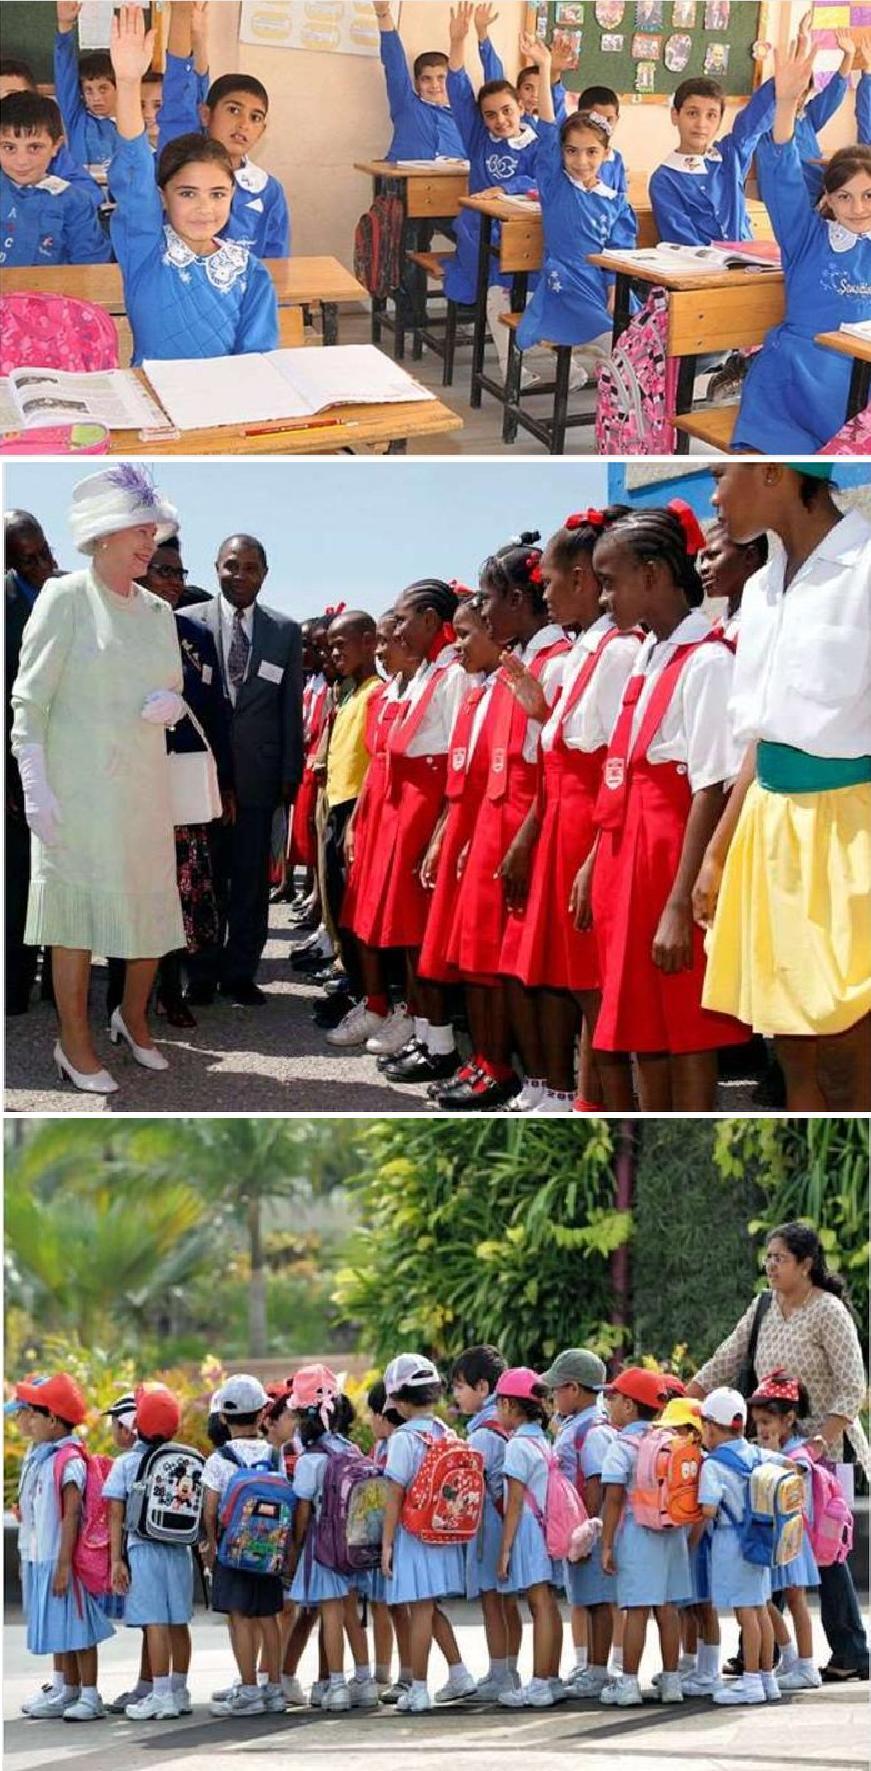 У Туреччині, на Ямайці та в Сингапурі обов'язкові вимоги до одягу визначає школа